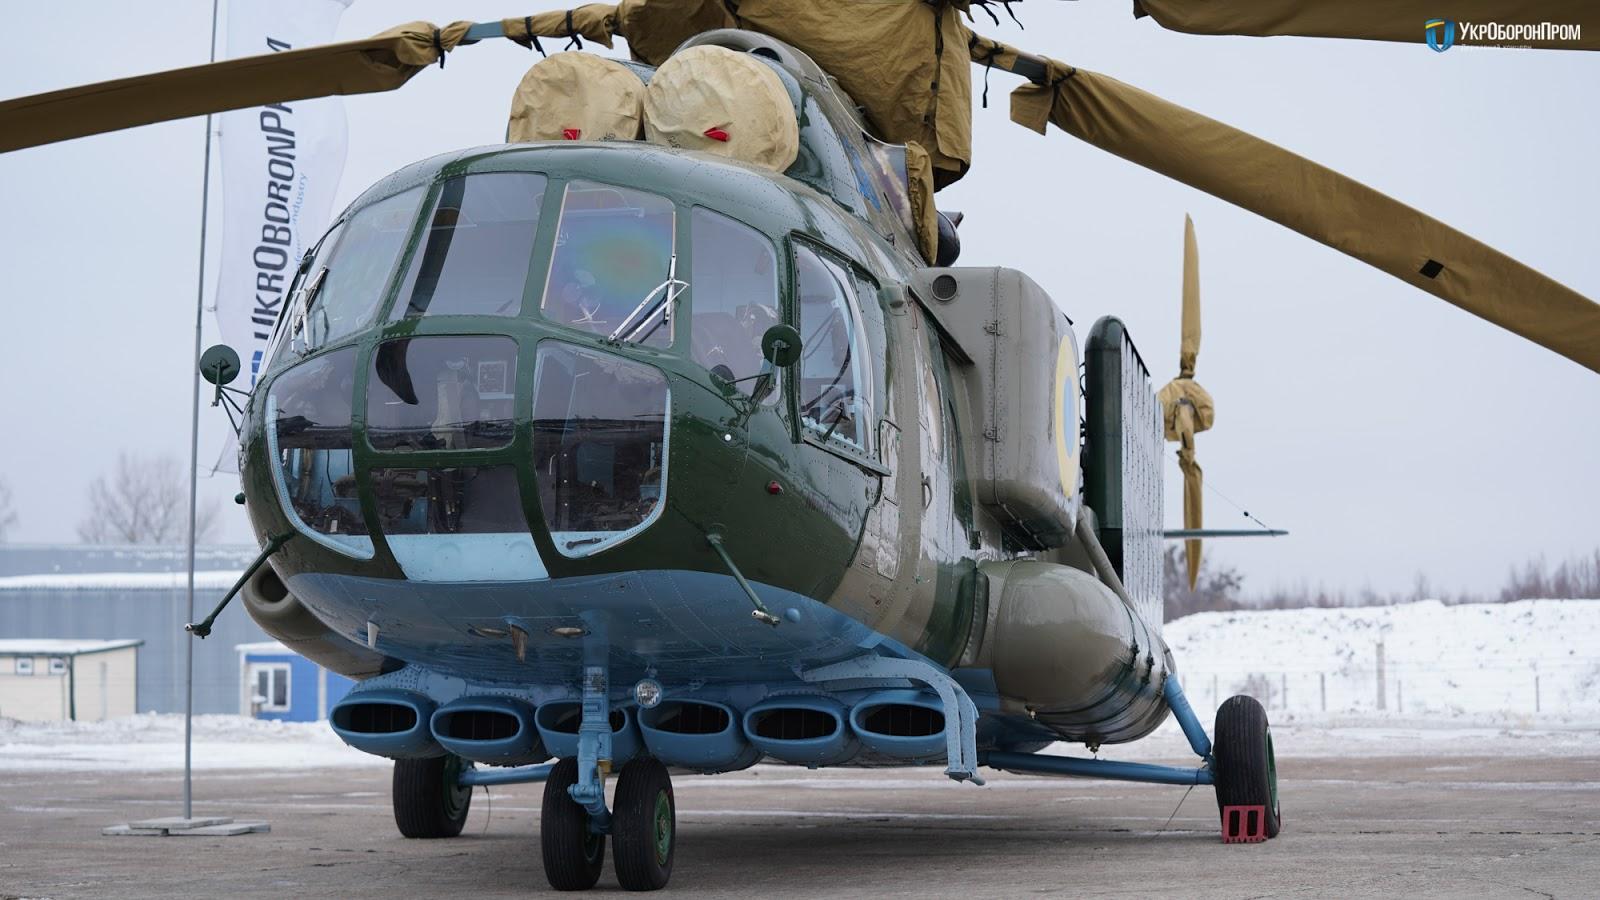 Близько 50 літаків та гелікоптерів передано ЗСУ за рік